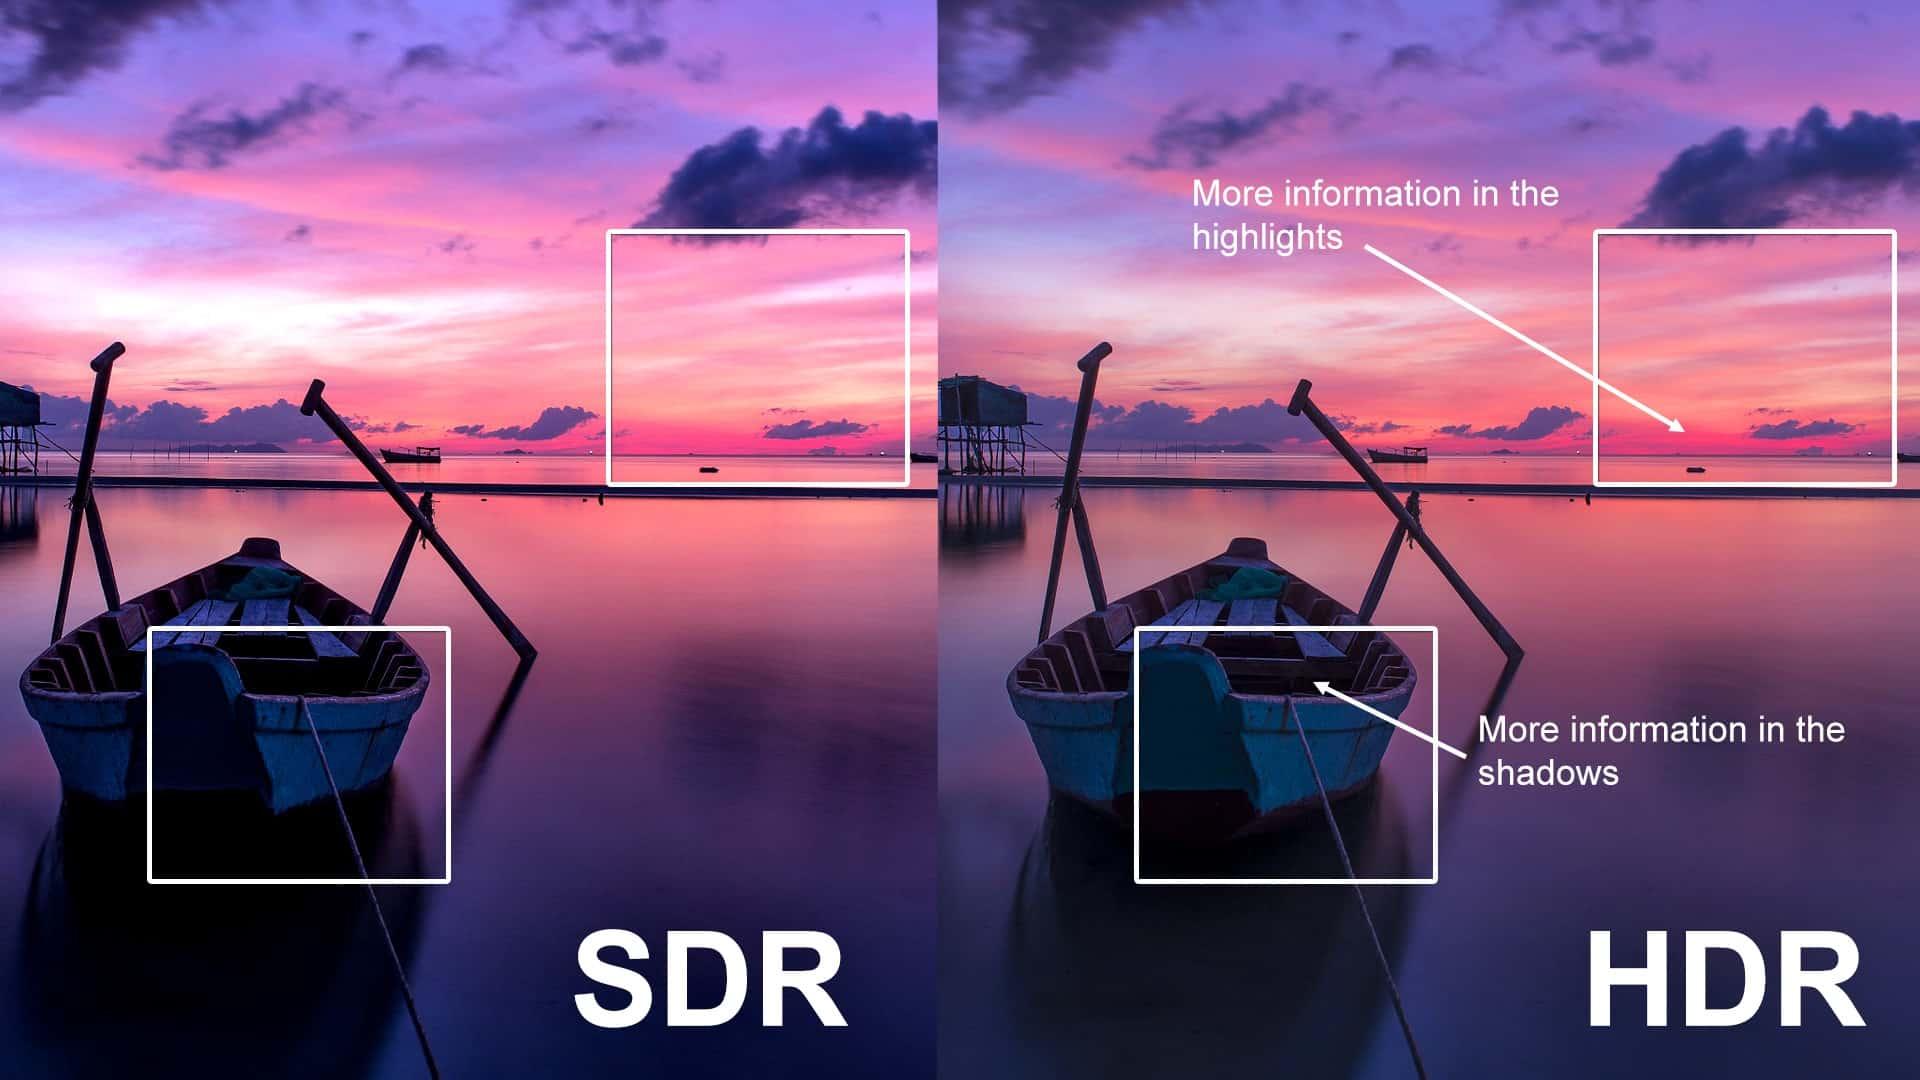 Организация HDR GIG попробует стандартизировать технологию HDR